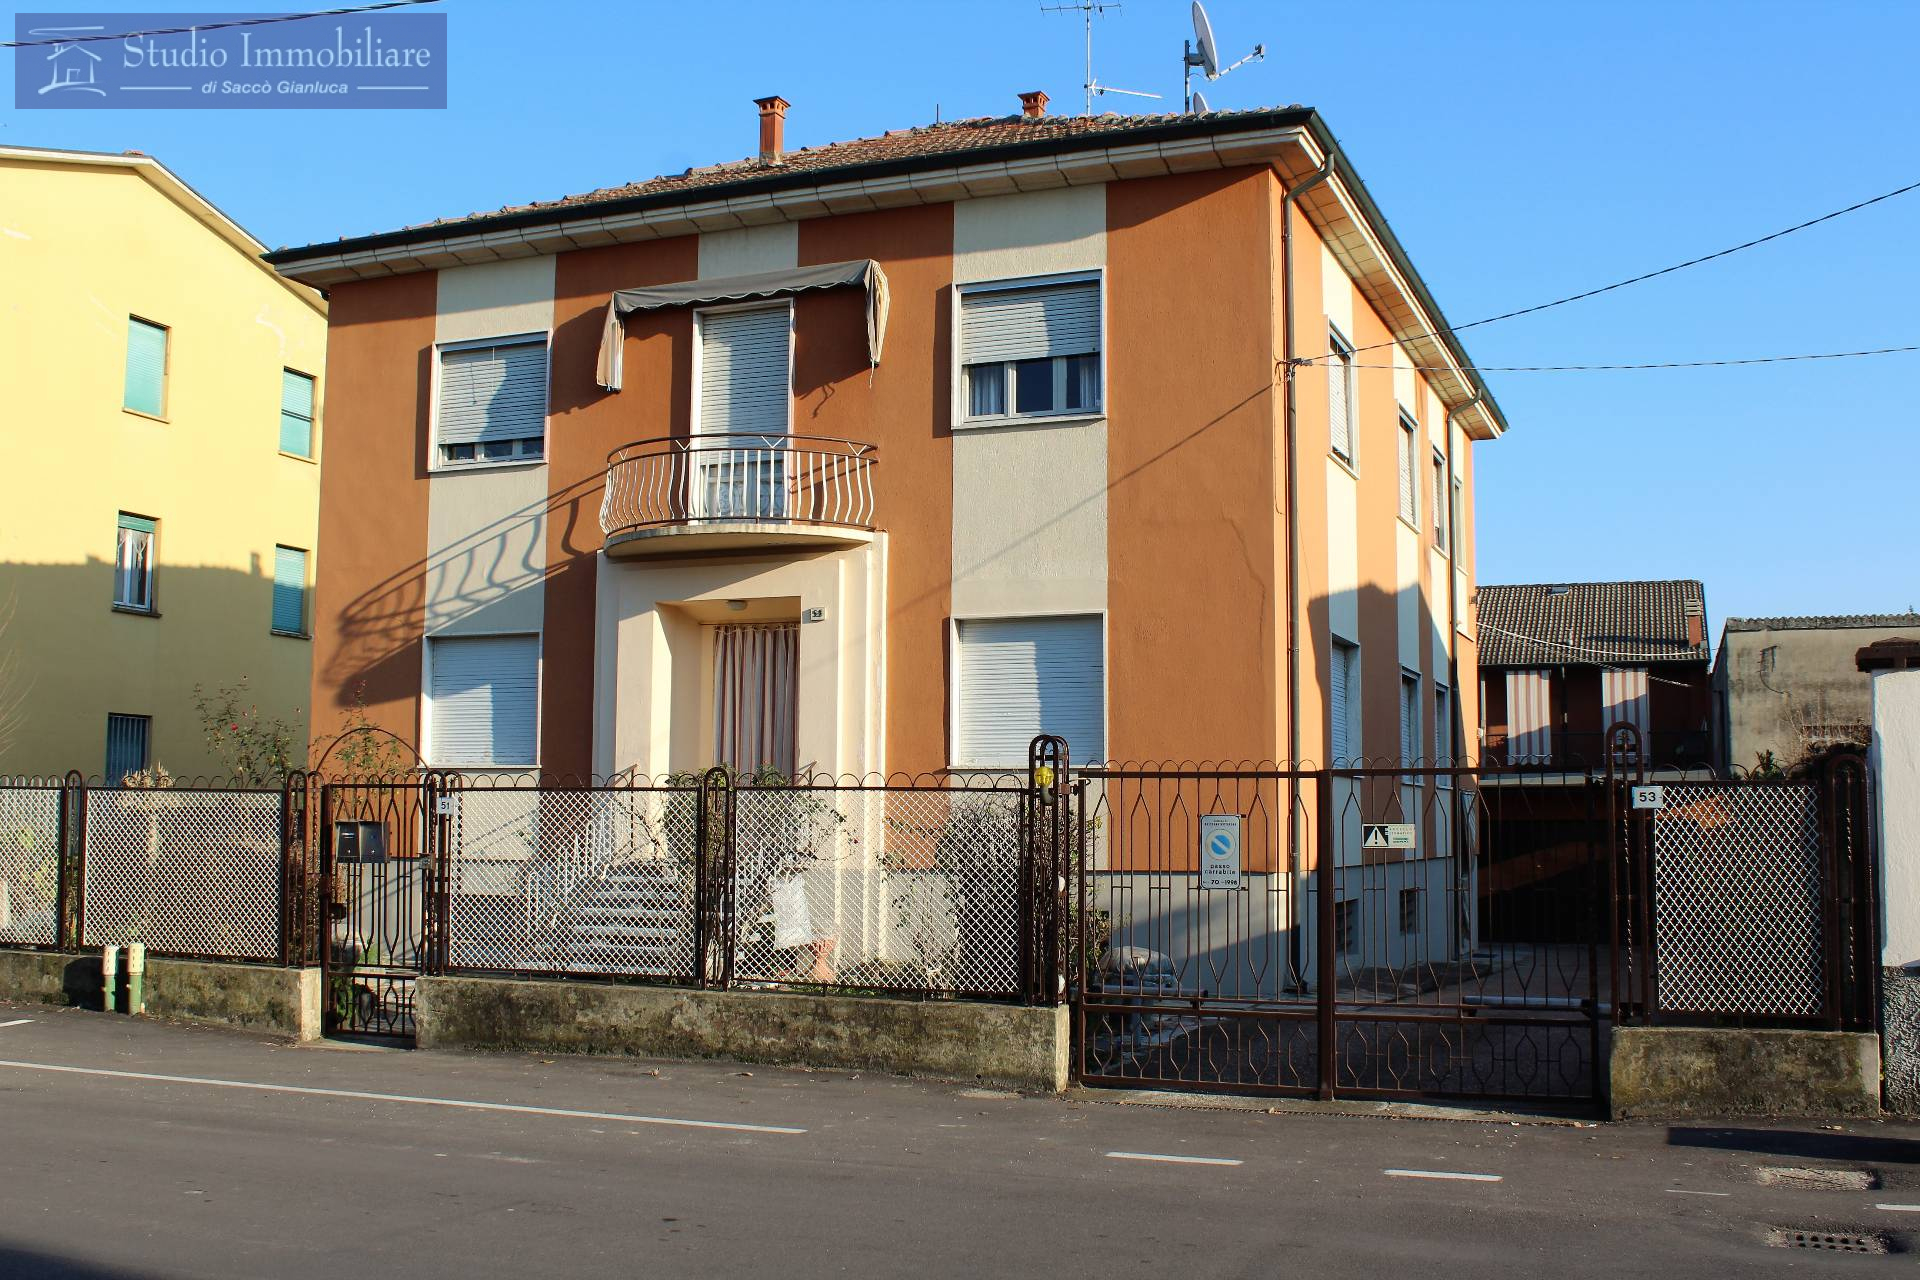 Villa Bifamiliare in vendita a Bressana Bottarone, 3 locali, prezzo € 75.000 | CambioCasa.it